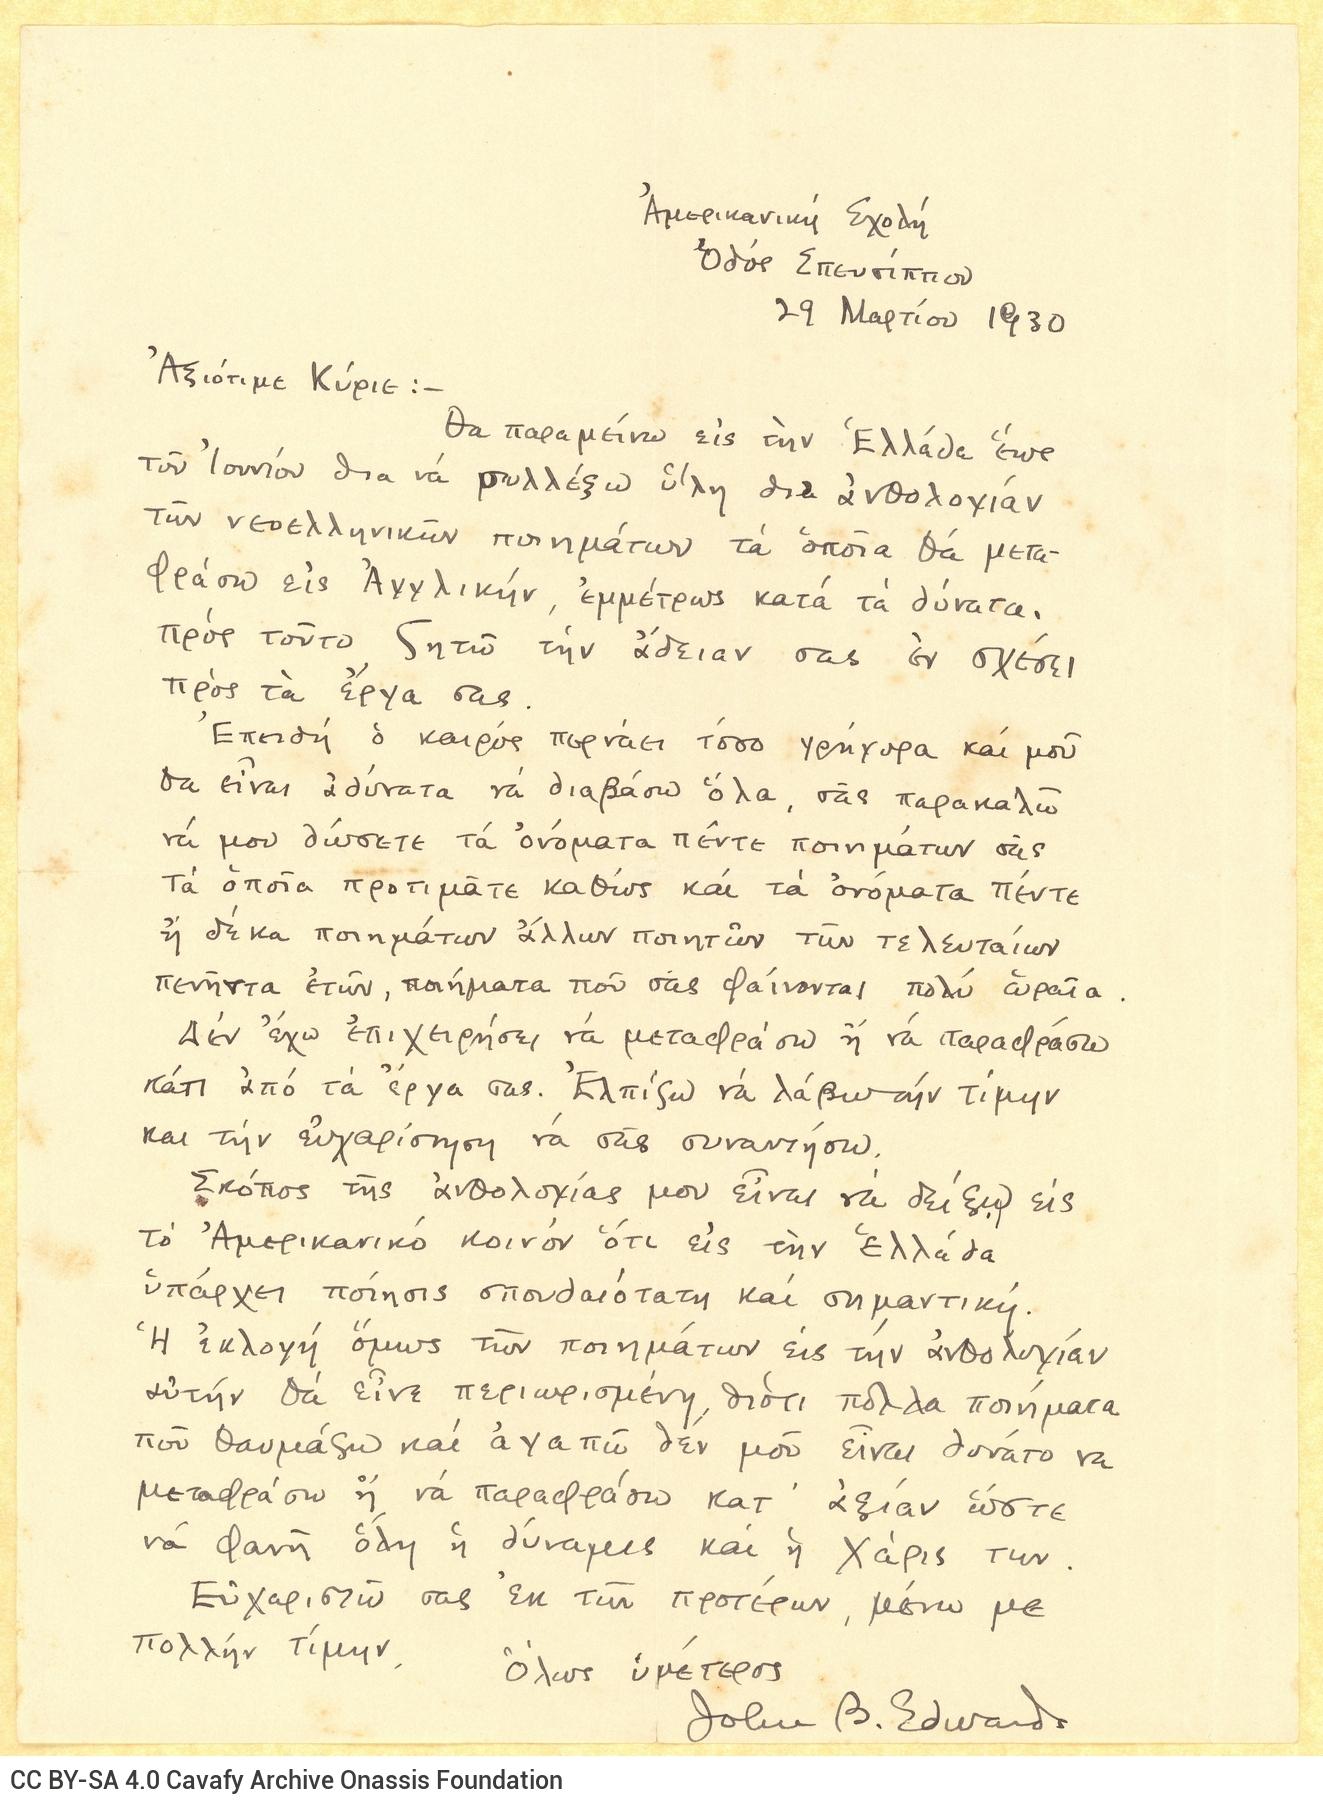 Χειρόγραφη επιστολή του Τζων Μπ. Έντουαρντς (John B. Edwards) προς τον Καβάφ